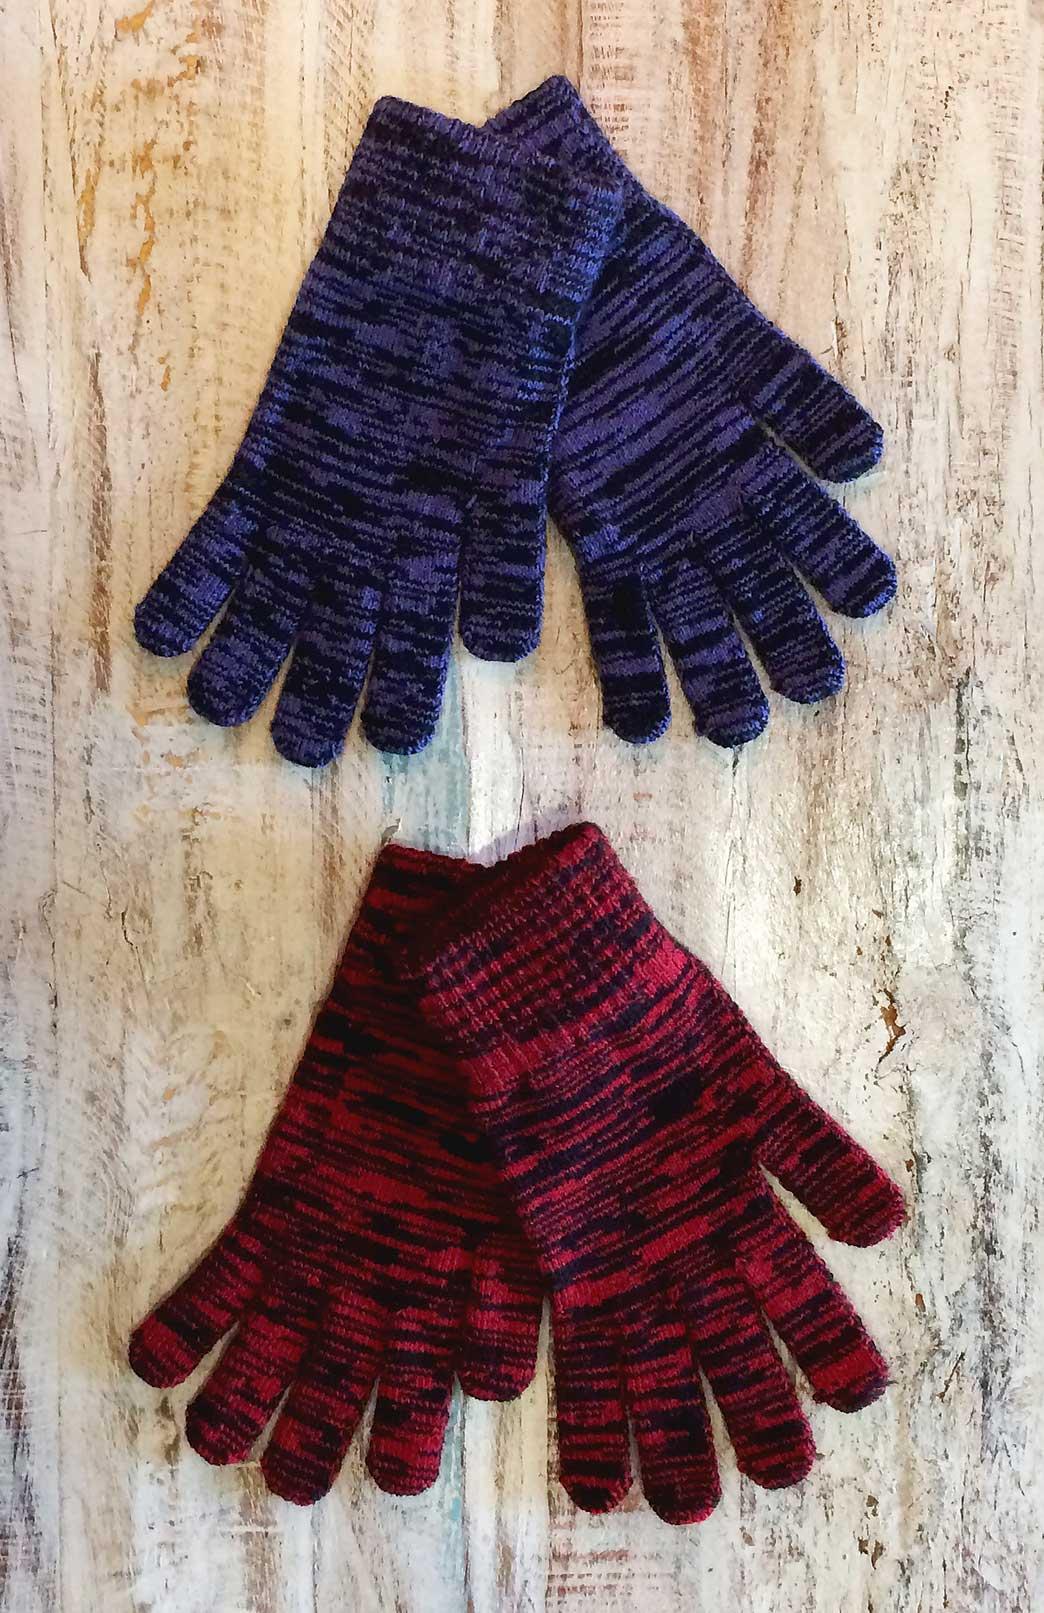 Merino Wool Gloves - Merino Wool Thermal Full Finger Gloves - Smitten Merino Tasmania Australia